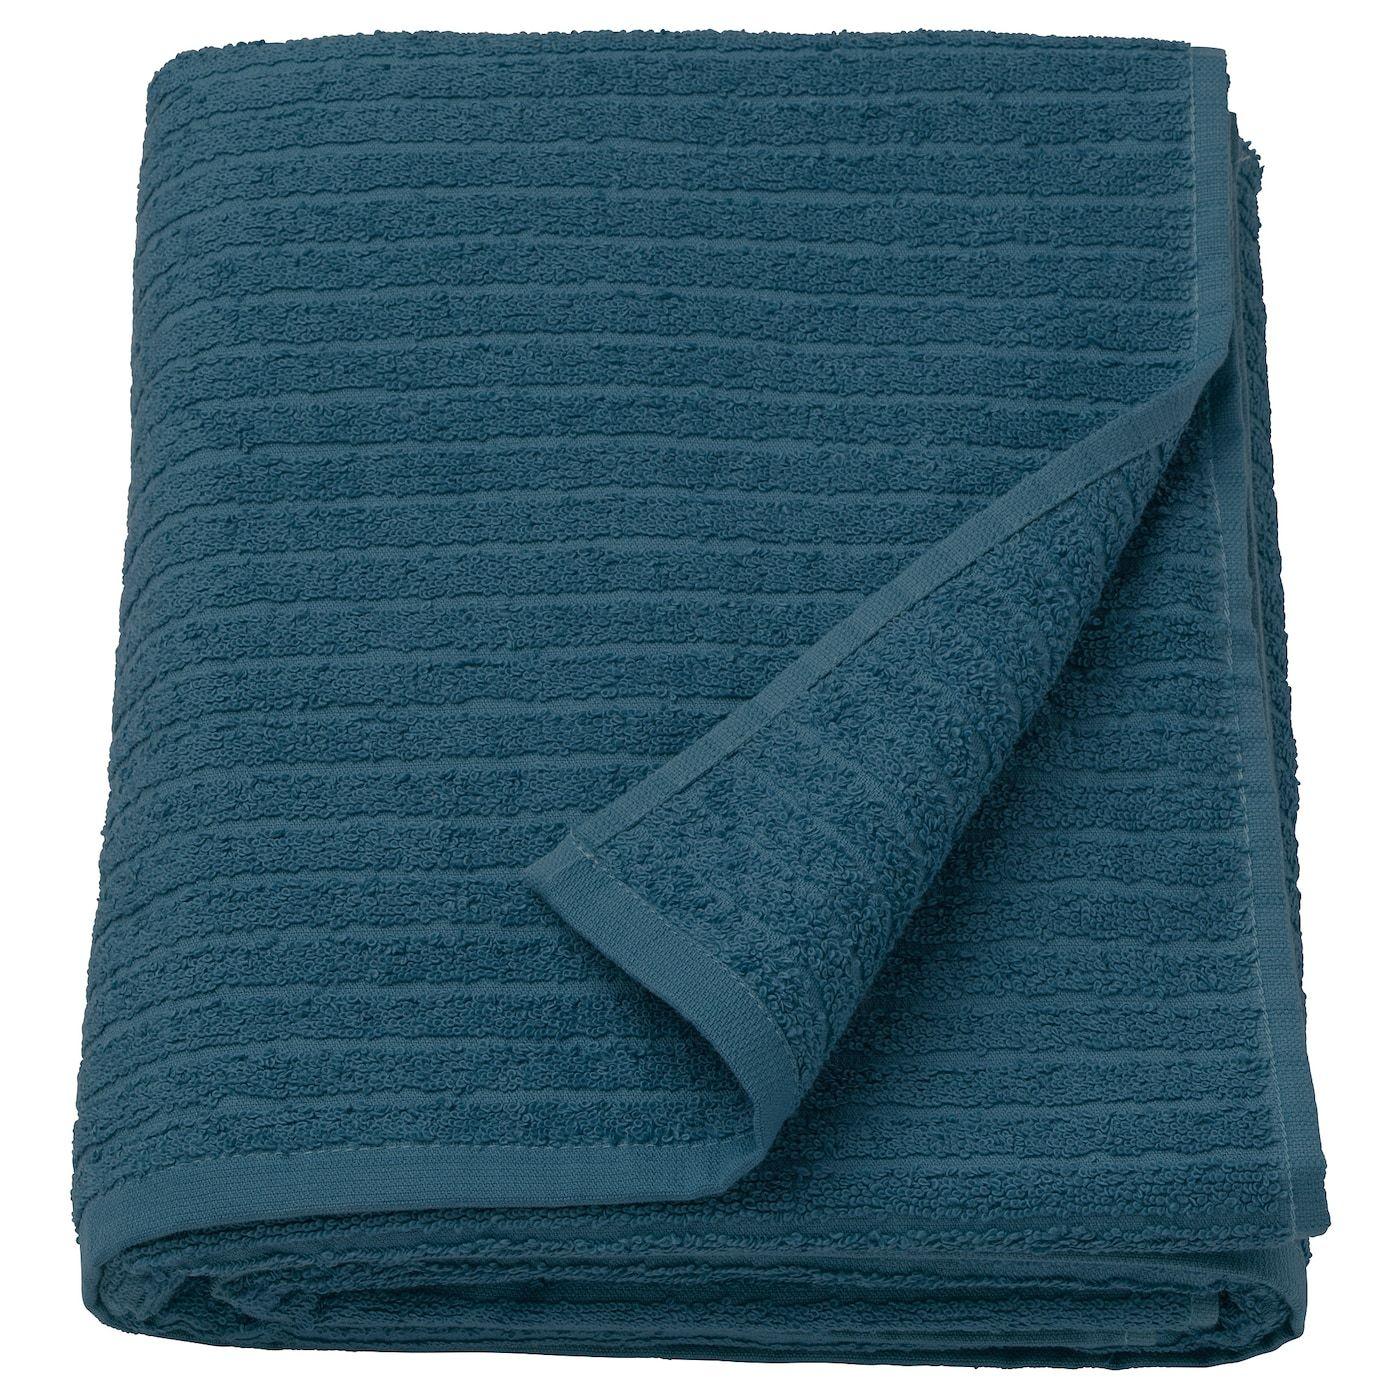 Vagsjon Badelaken Mork Bla 100x150 Cm In 2020 Handtucher Tuch Textilien